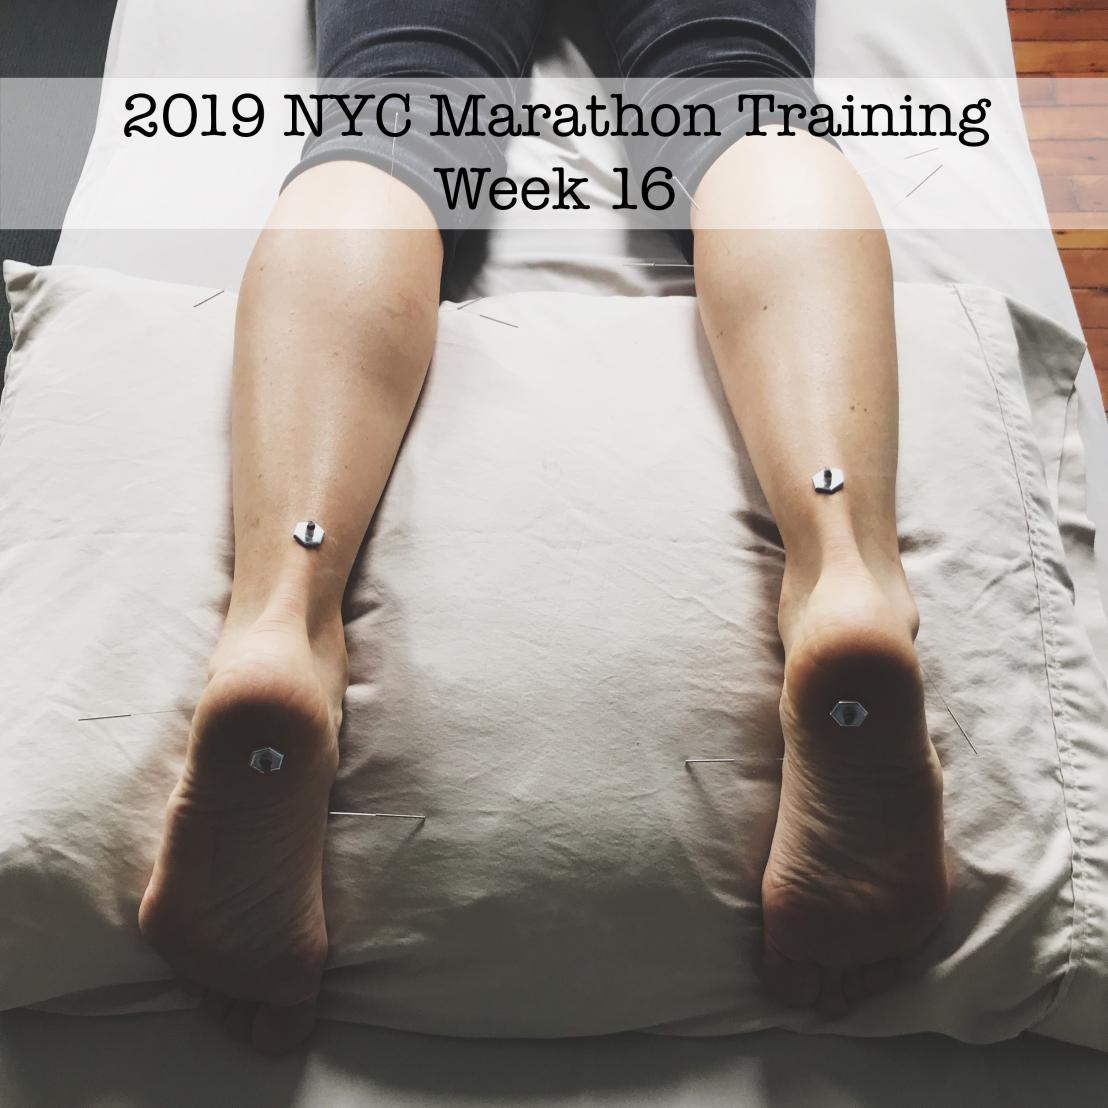 IMG_0908 2019 NYC Marathon Training Week 16